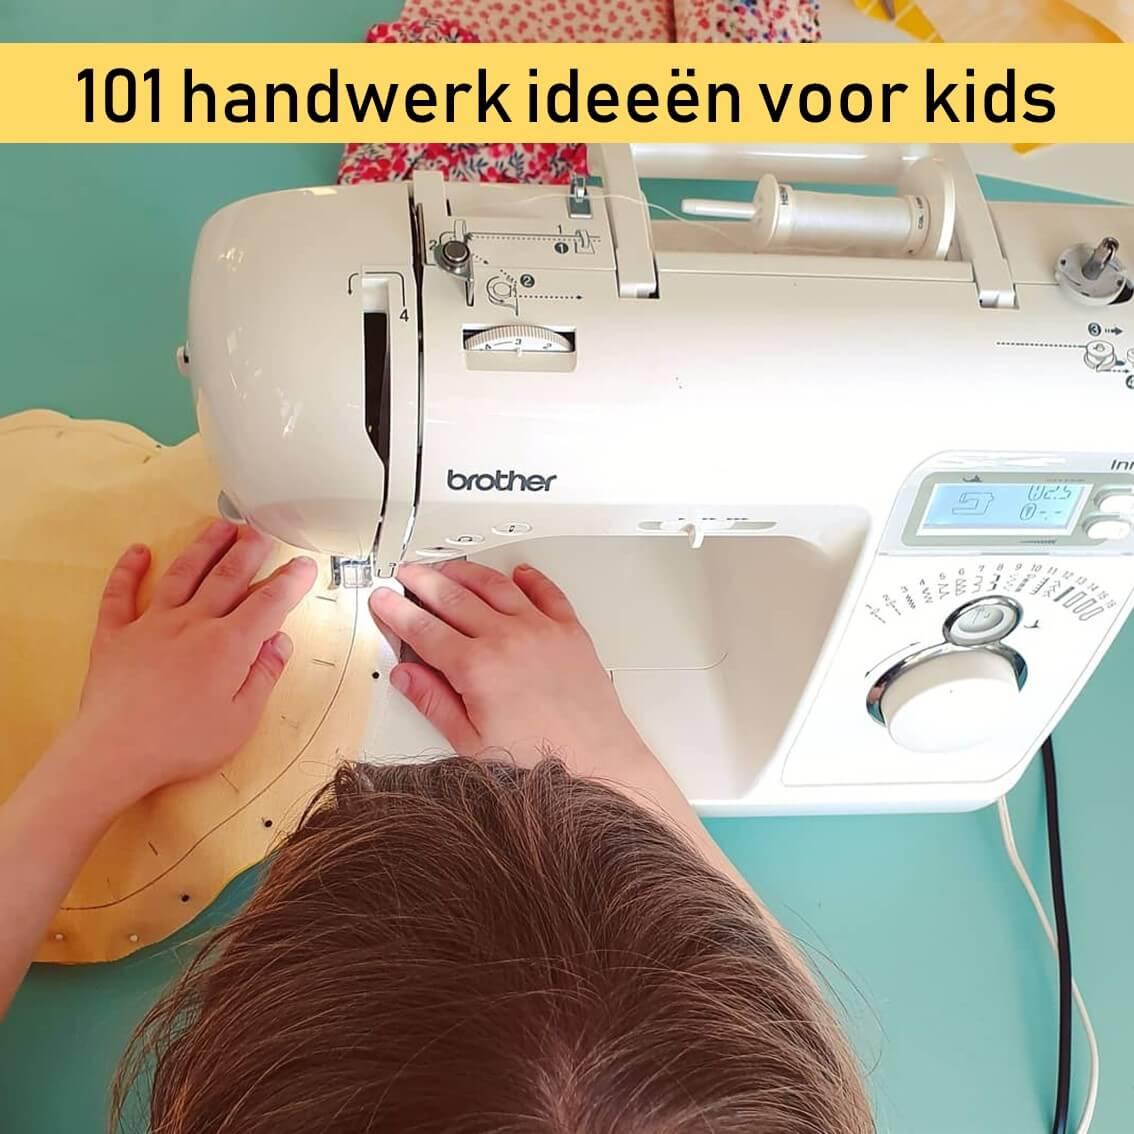 Handwerken voor jonge kinderen: naaien en borduren voor jongens en meisjes